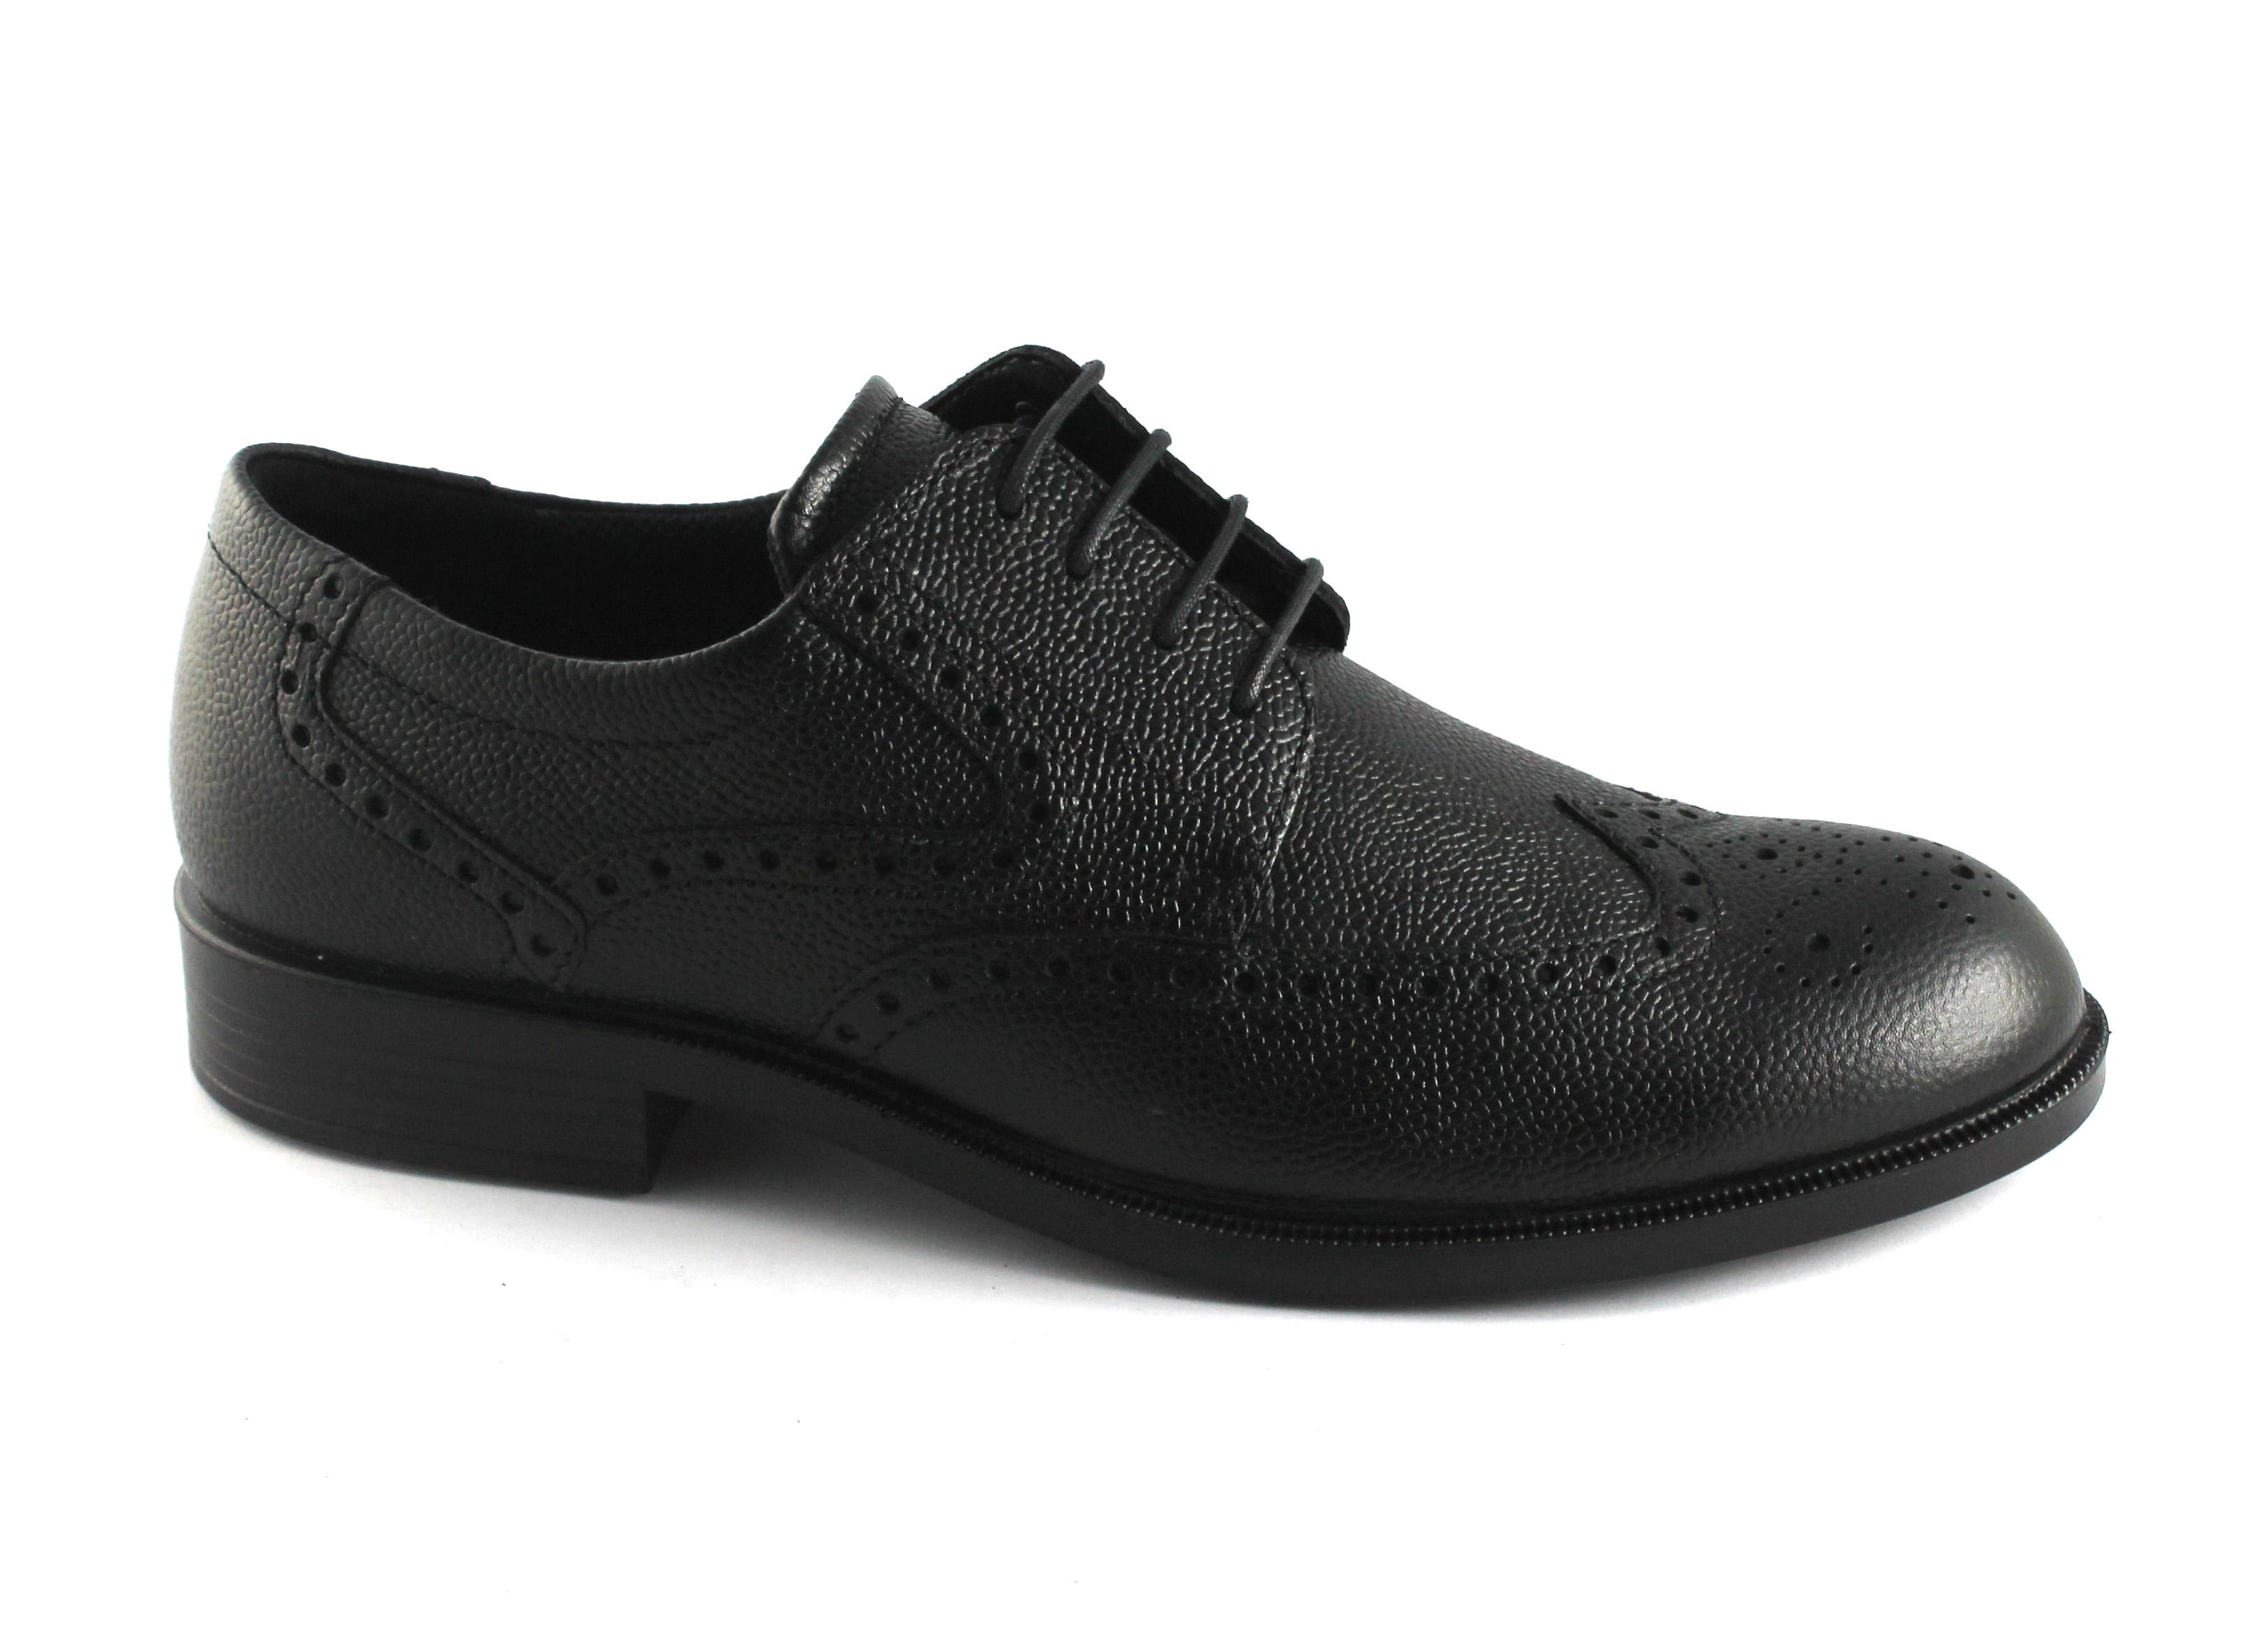 ECCO-634614-HAROLD-nero-scarpe-uomo-lacci-pelle-elegante-inglese